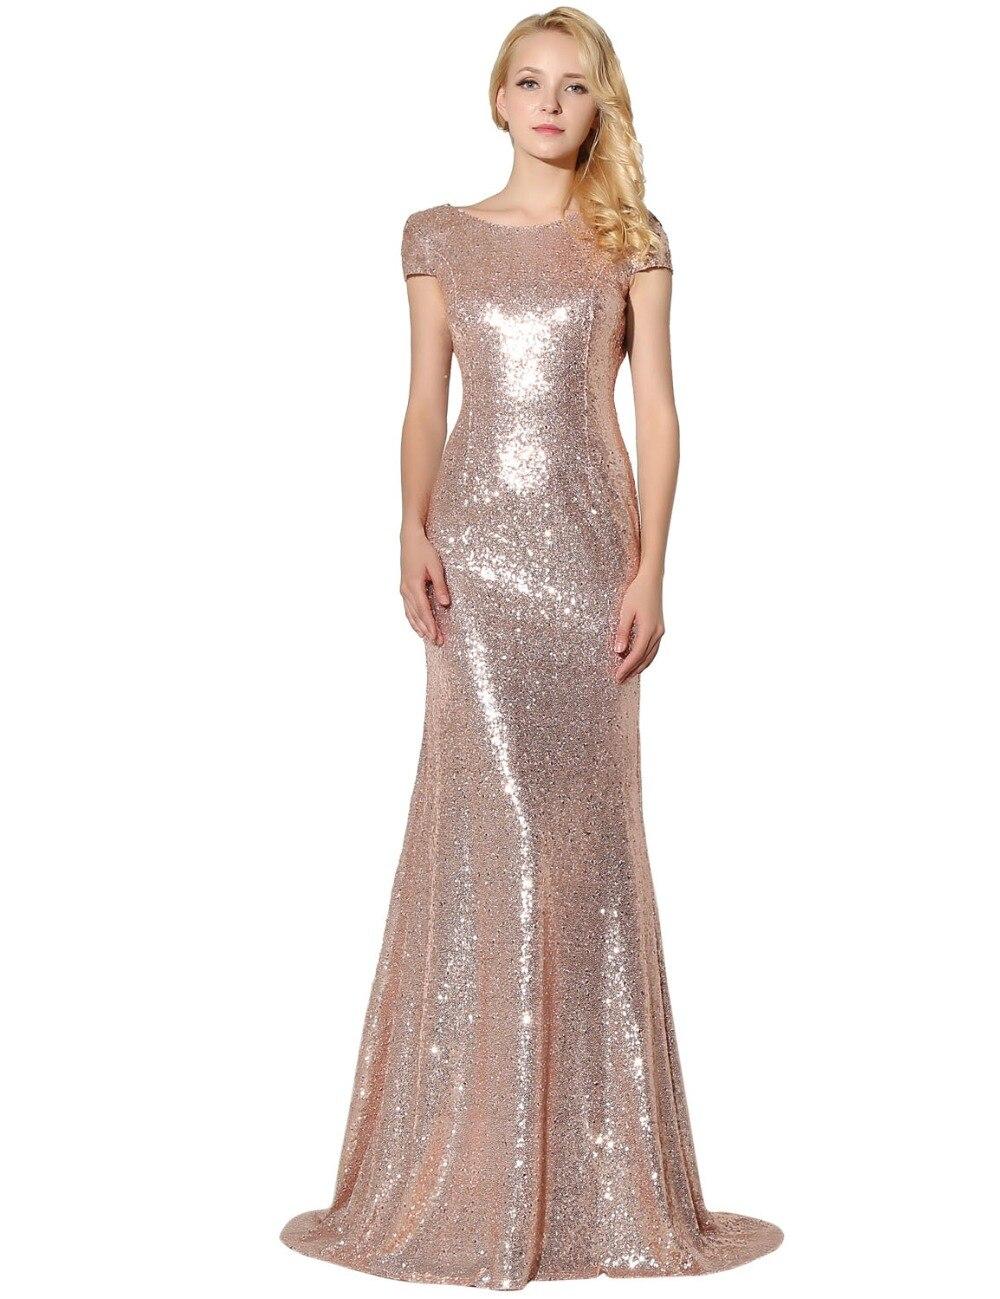 H007 champagne sequin bridesmaid dresses 2017 vestido de for Wedding party dresses 2017